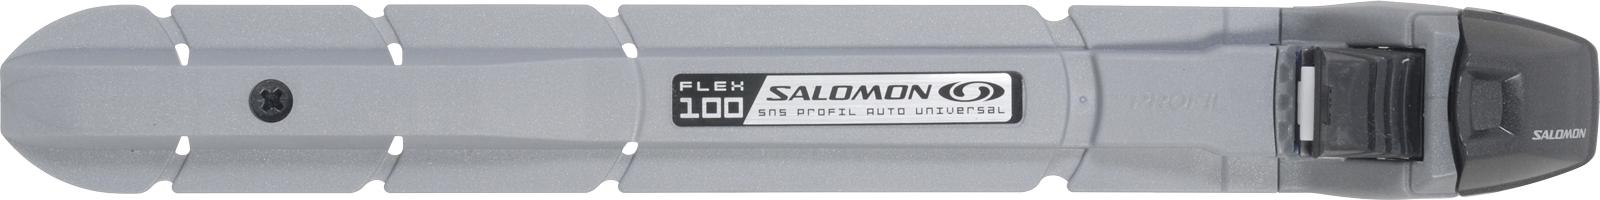 Běžecké vázání SALOMON SNS PROFIL AUTO UNIVERSAL